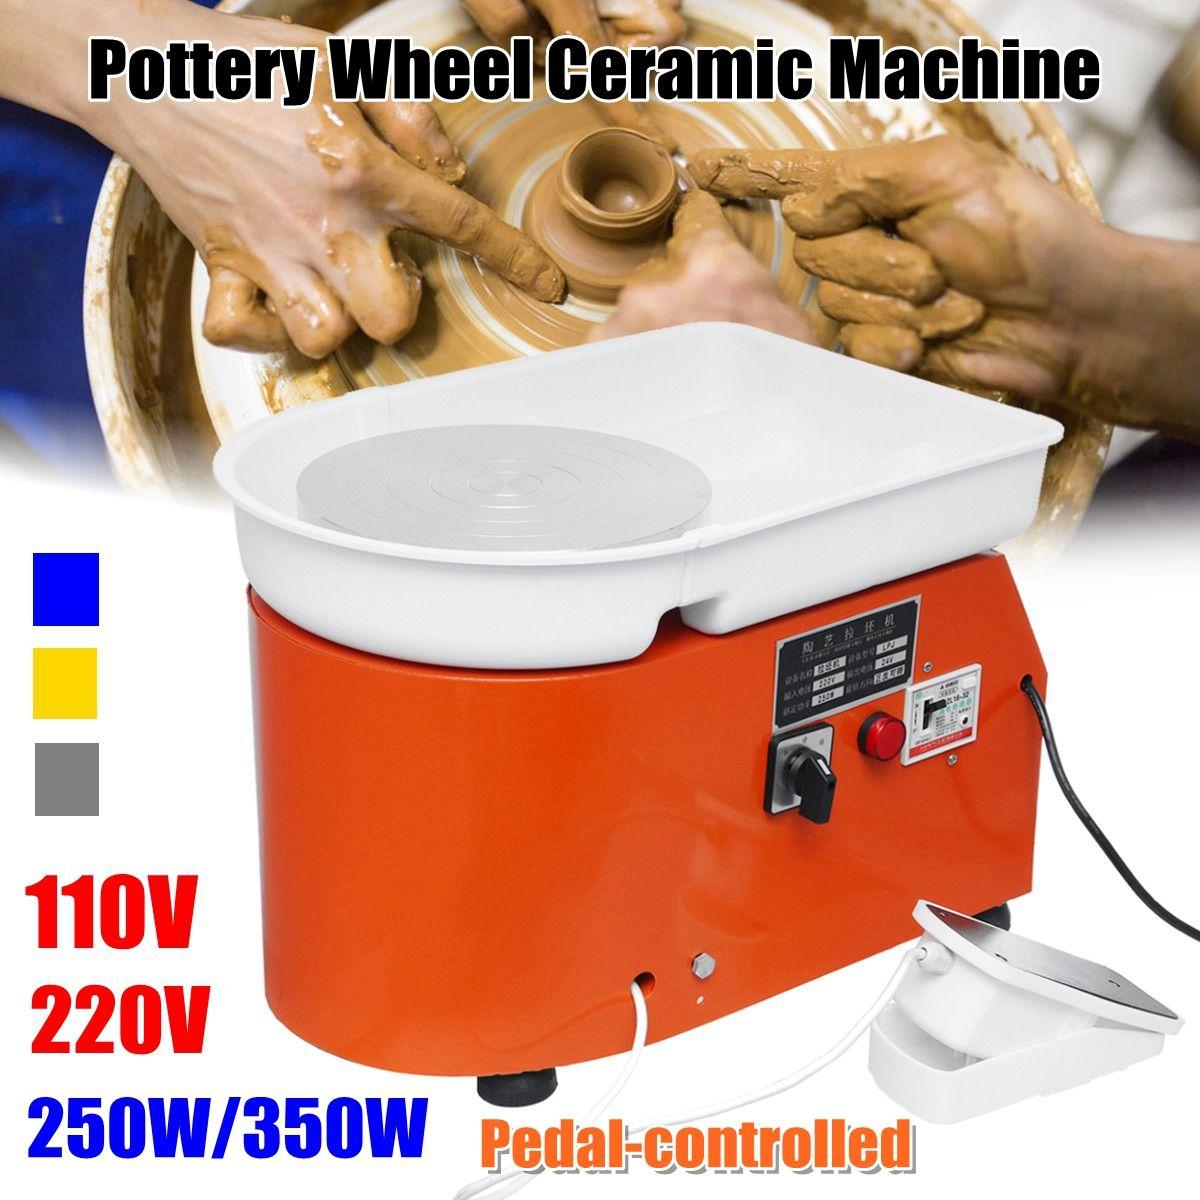 250 watt/350 watt Elektrische Touren Rad Keramik Maschine Keramik Ton Potter Kunst Für Keramik Arbeit 110 v/ 220 v